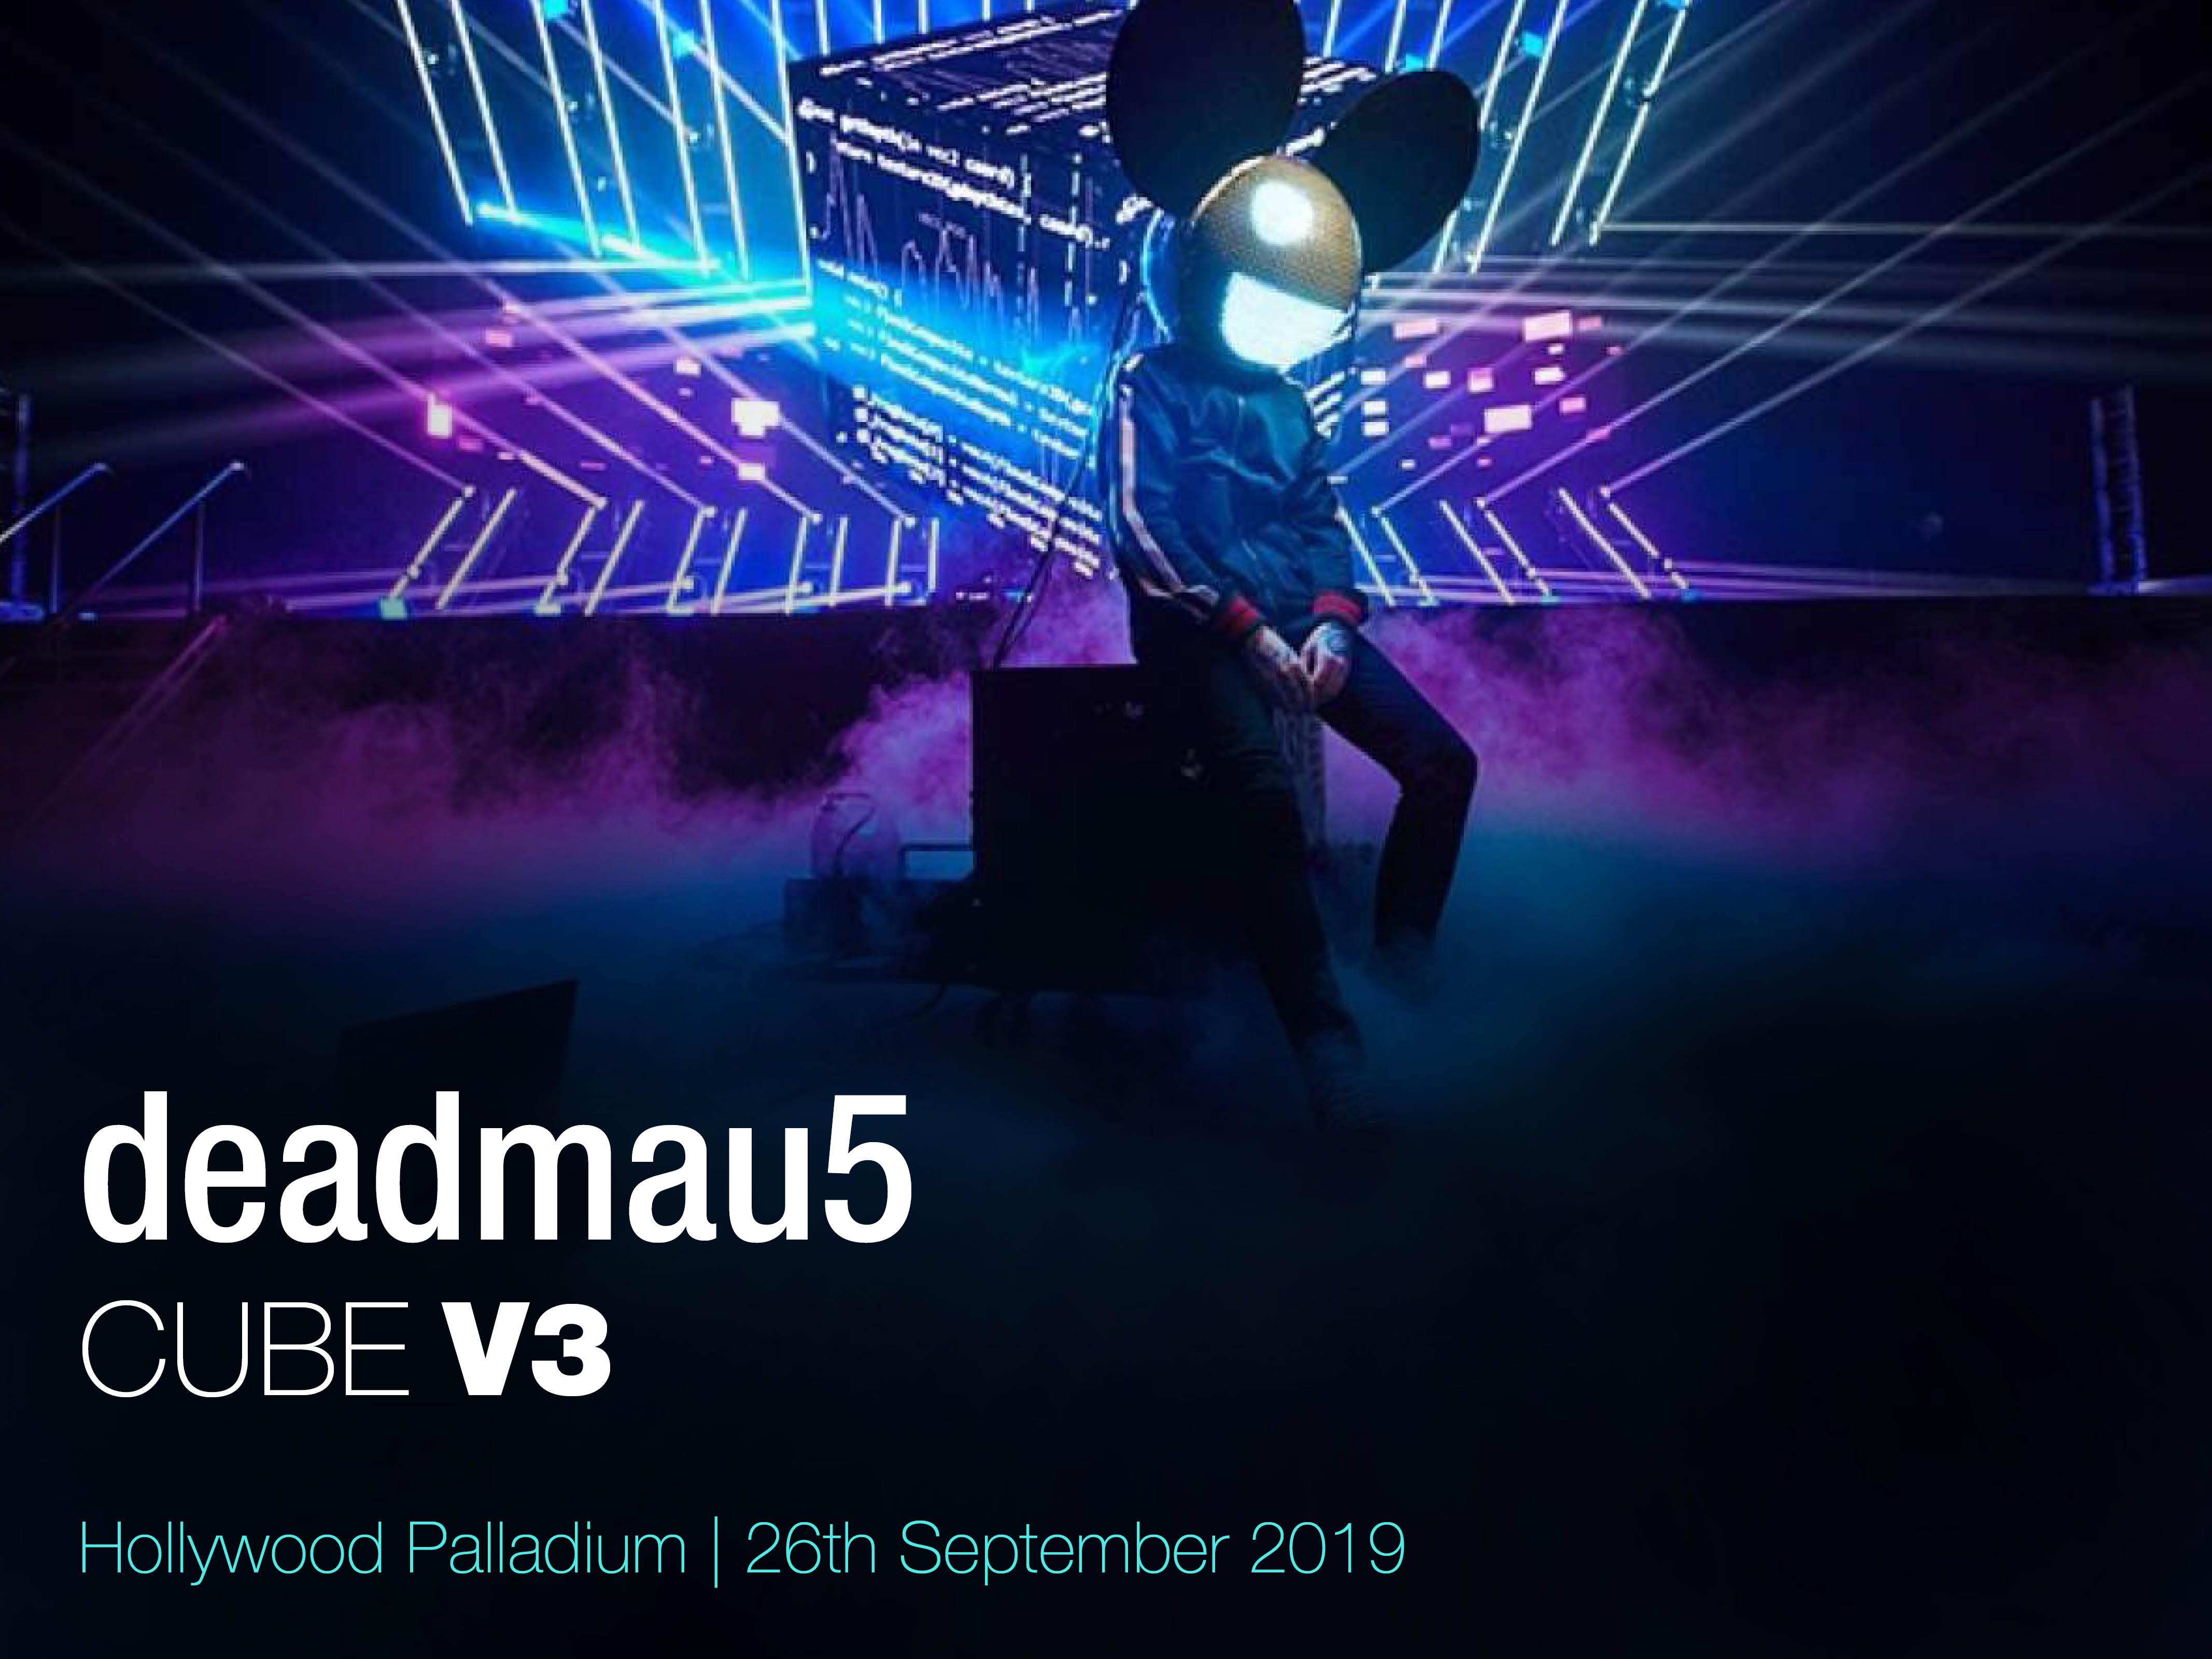 Deadmau5 & Lights at Hollywood Palladium